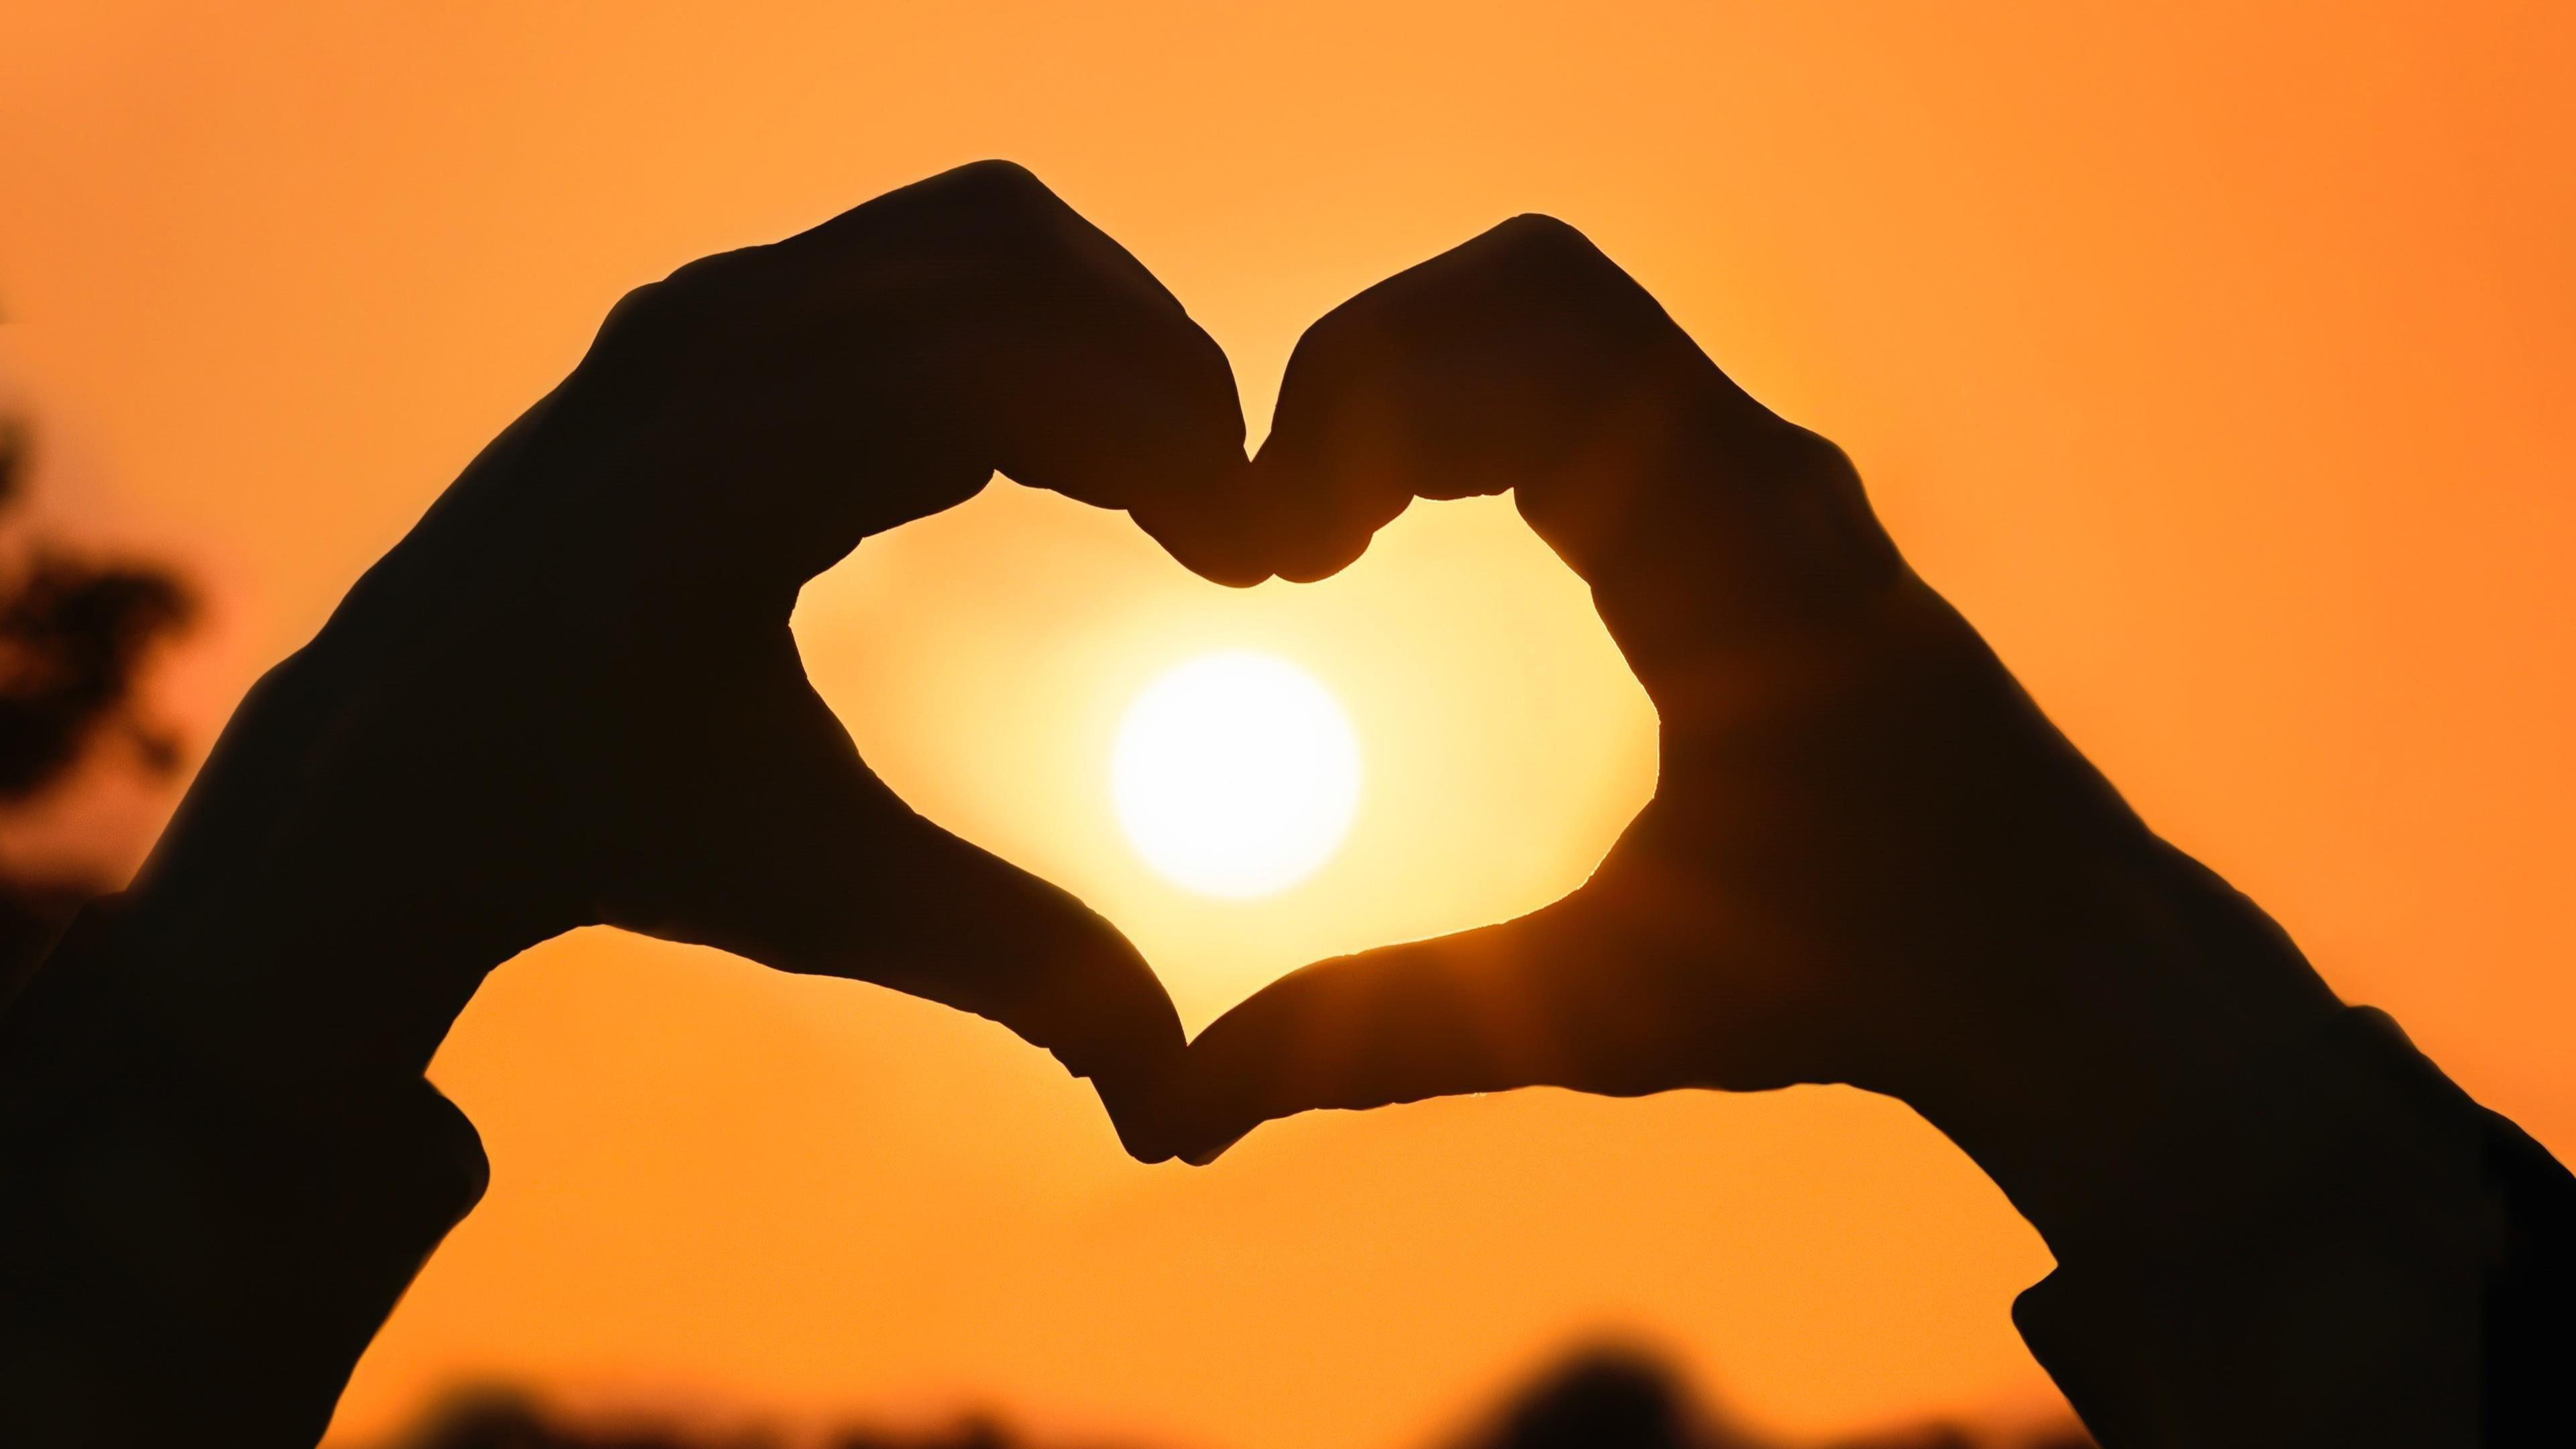 Любовь сердца руки форма обои скачать